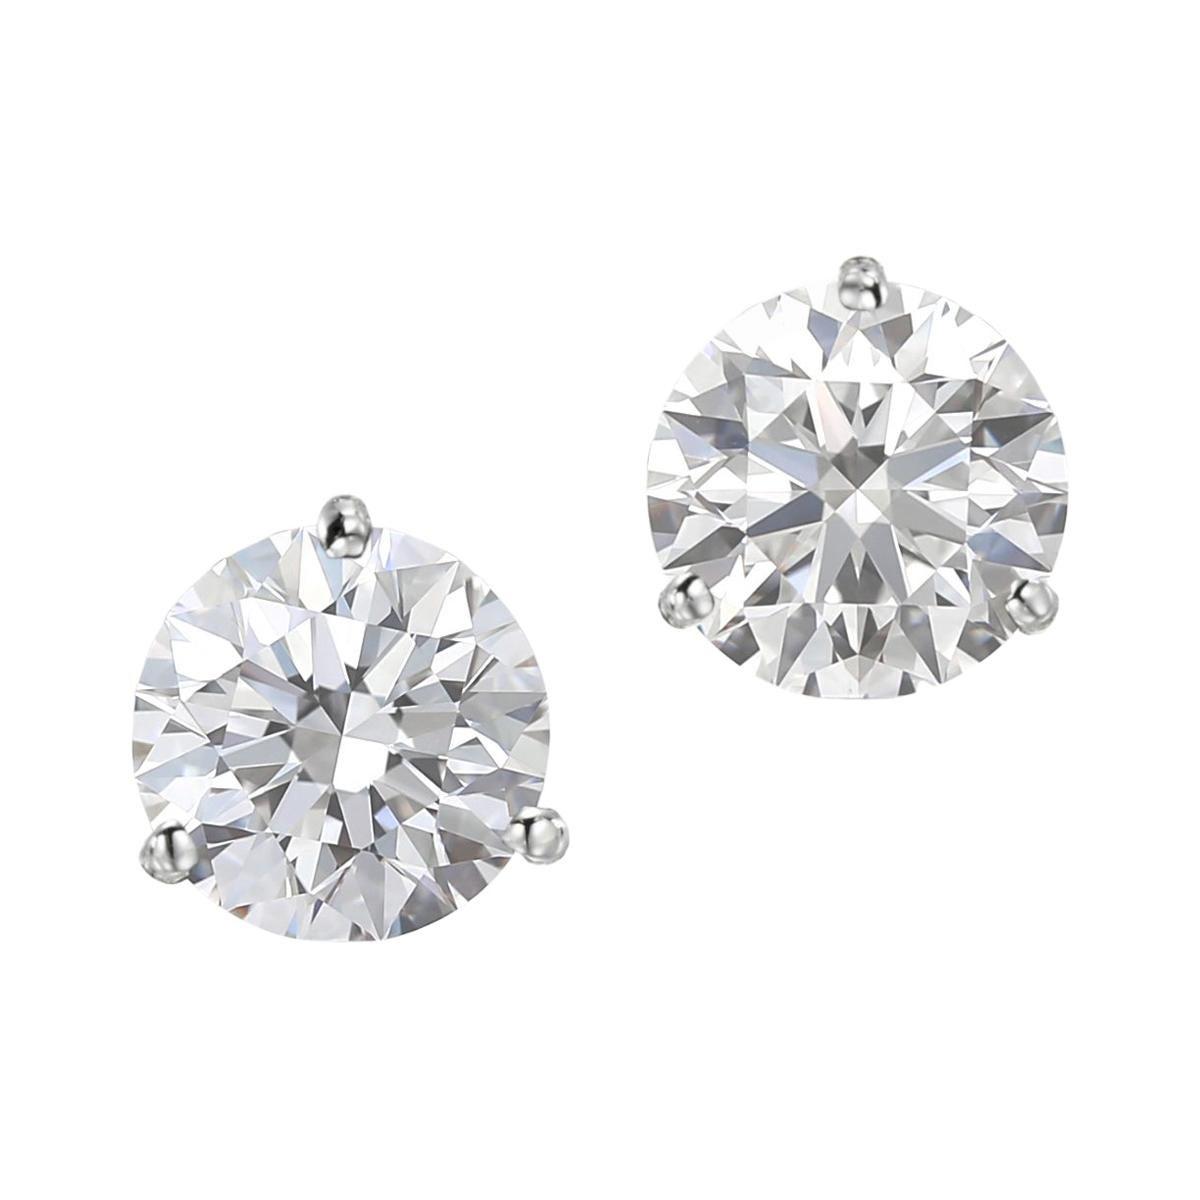 I FLAWLESS GIA Certified 2 Carat Diamond Studs